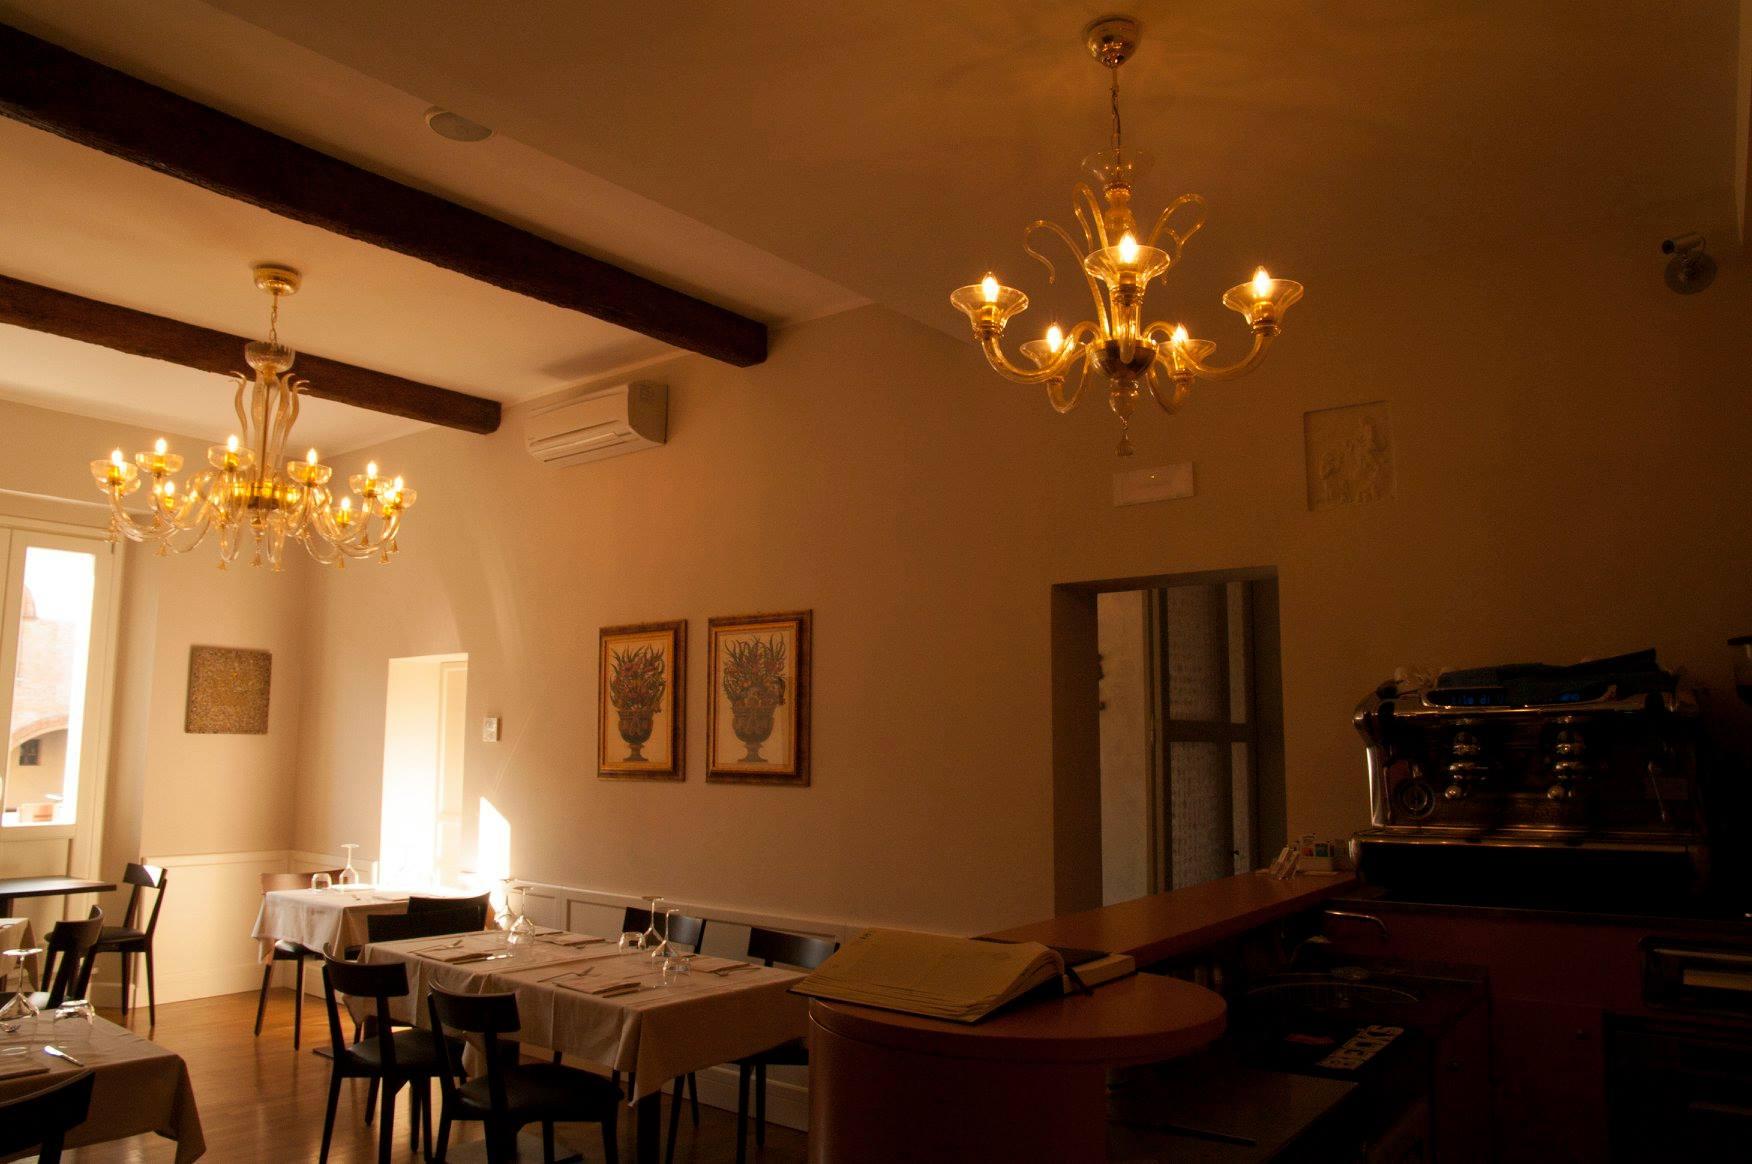 Plafoniere In Legno E Vetro : Lampadari materiale elettrico e per illuminazione a ravenna